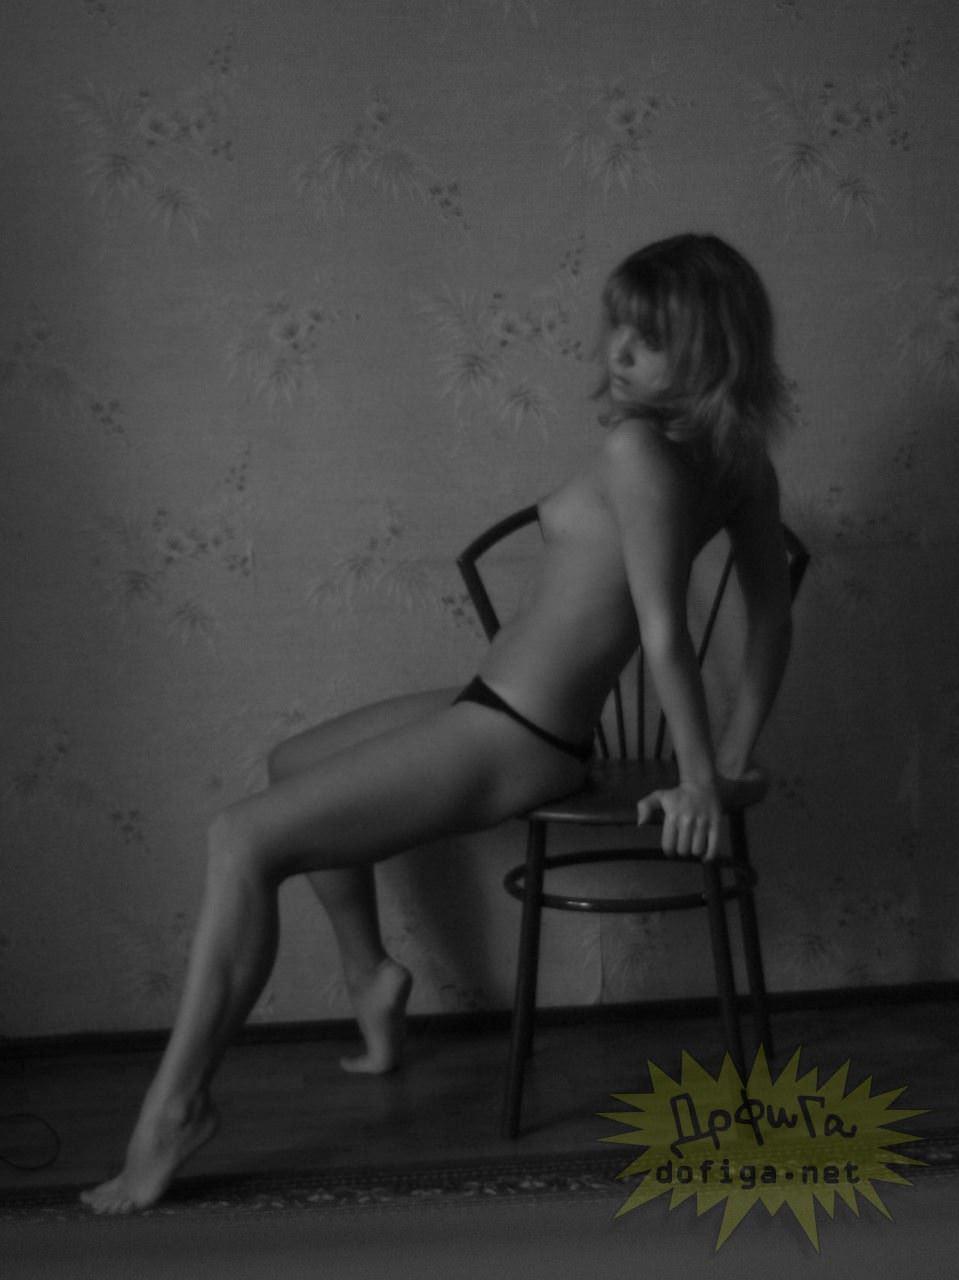 【外人】ロシア人の貧乳おっぱい美少女がクリミア半島旅行中に撮影したフルヌードポルノ画像 2581